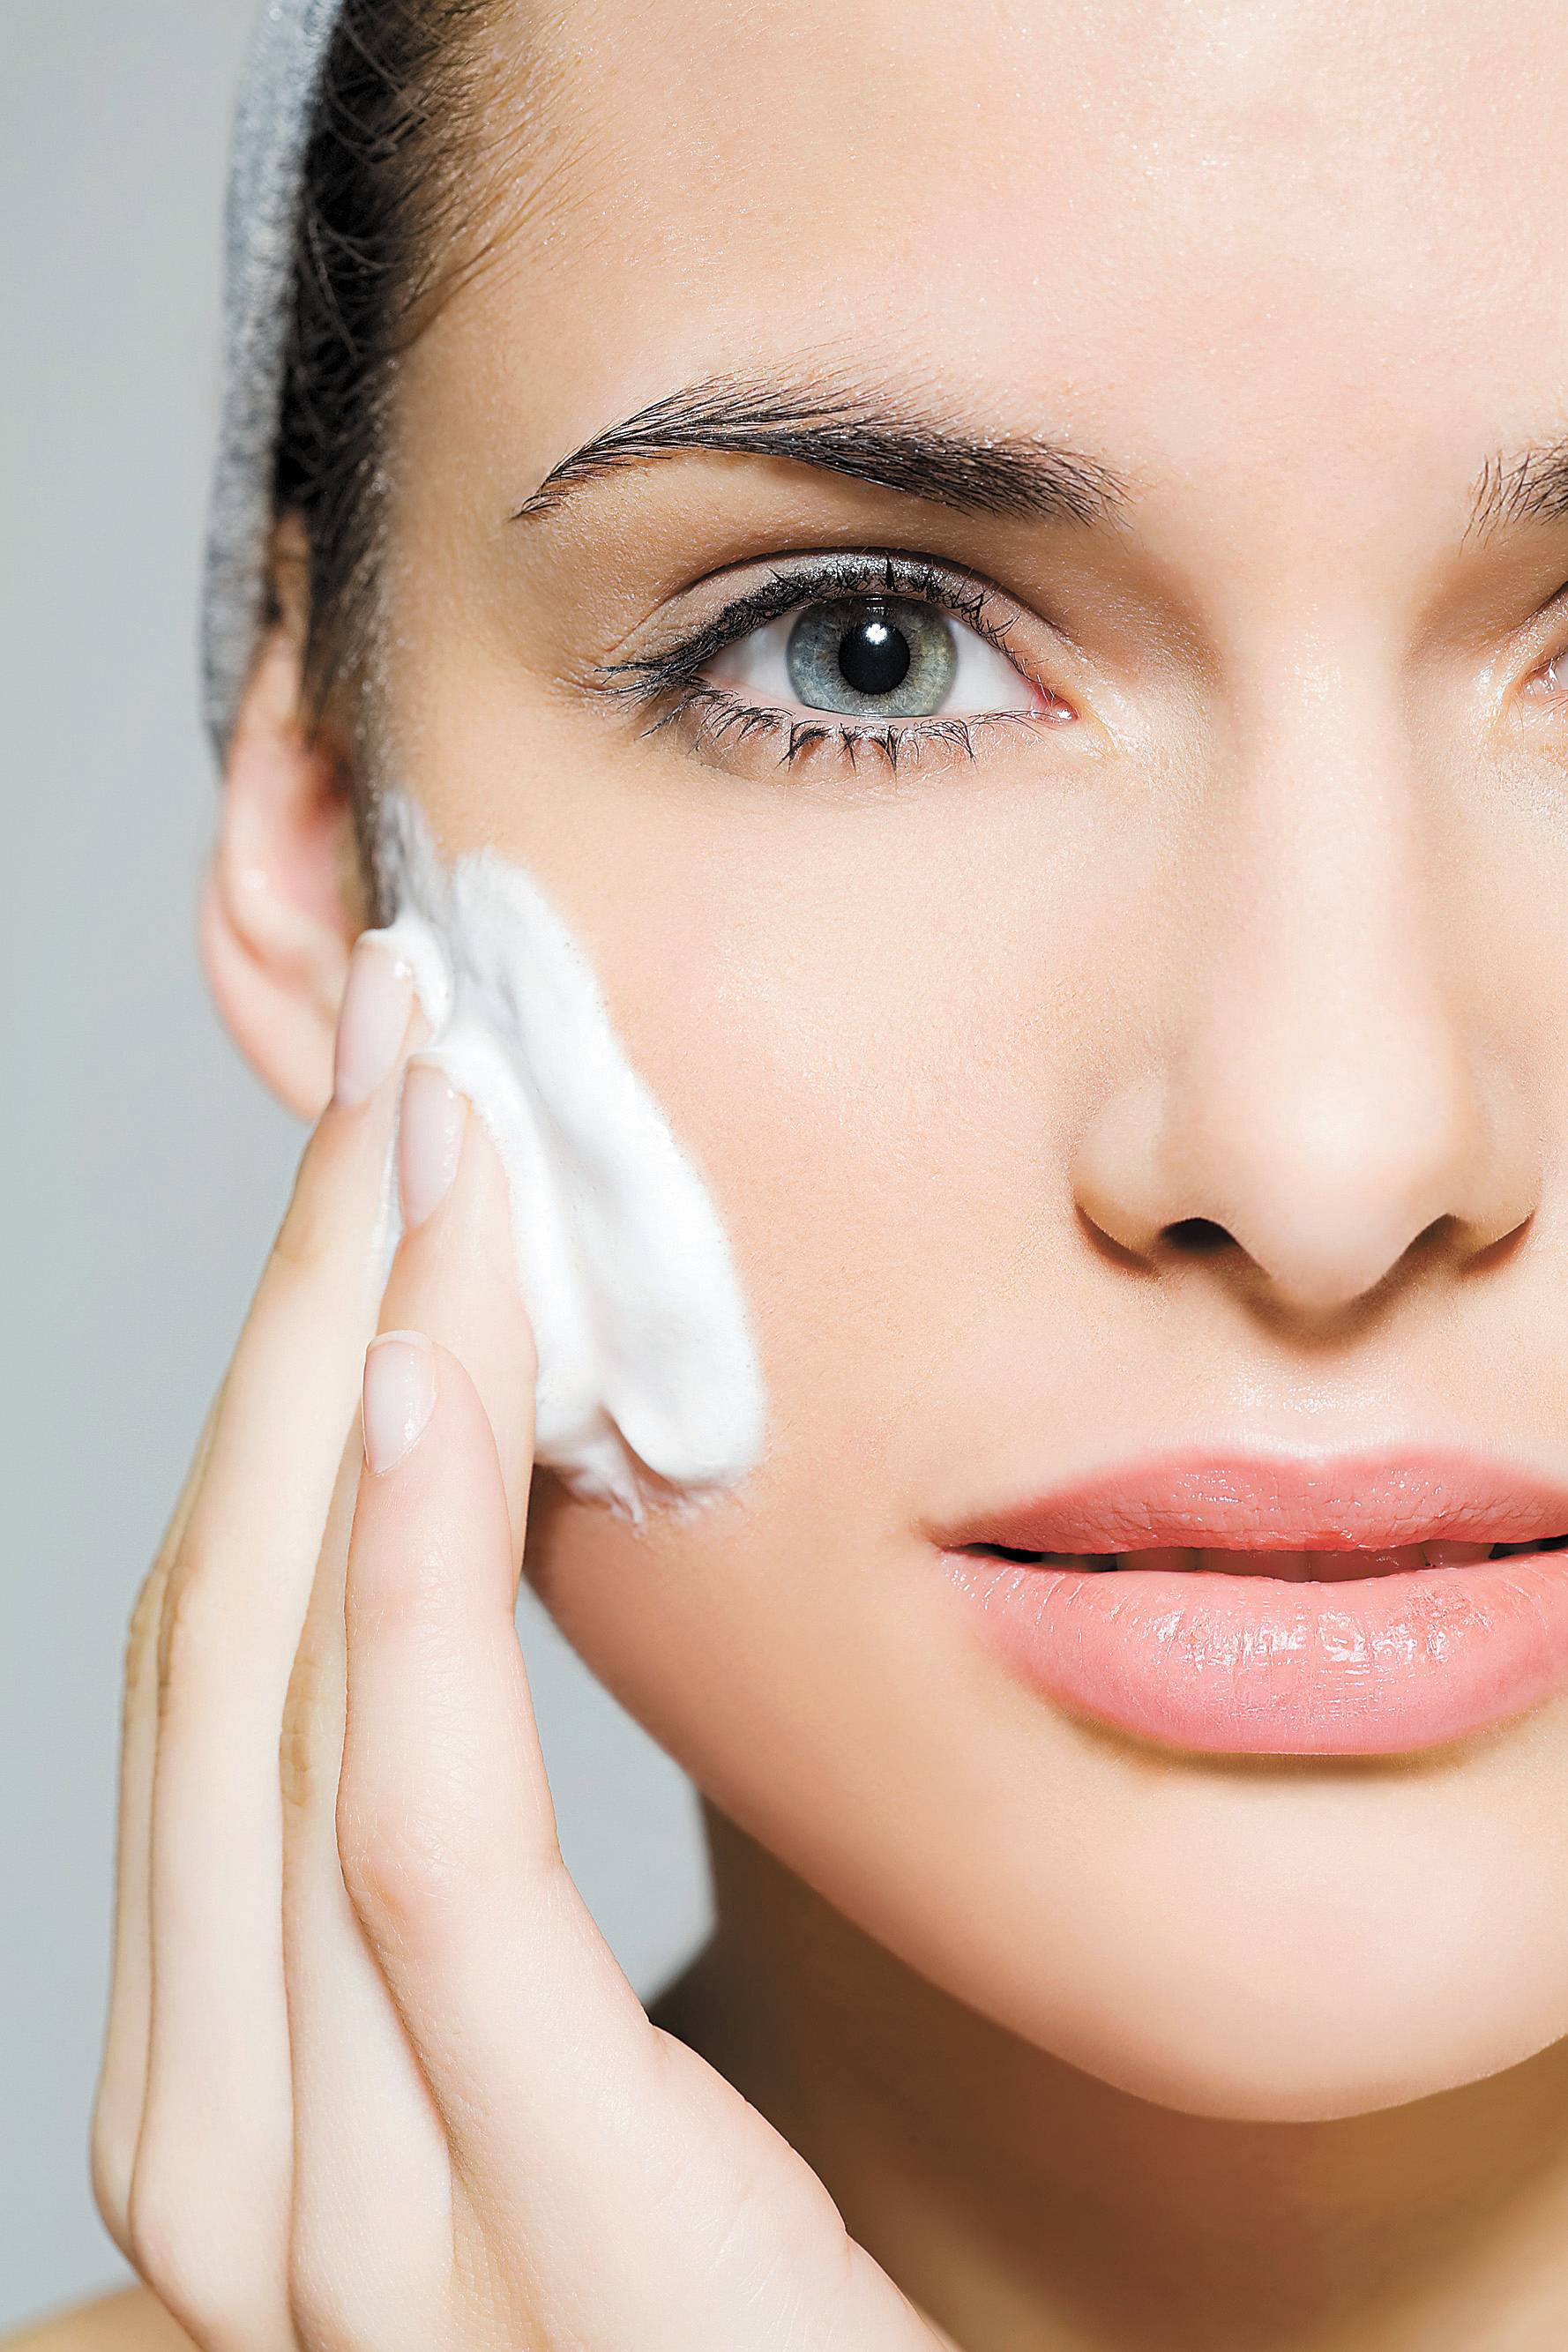 Rosto: como é rico em glândulas sebáceas, fuja de produtos gordurosos que podem deixar a pele oleosa. E não esqueça do protetor solar que deve ser usado sempre depois do hidratante   Folhapress